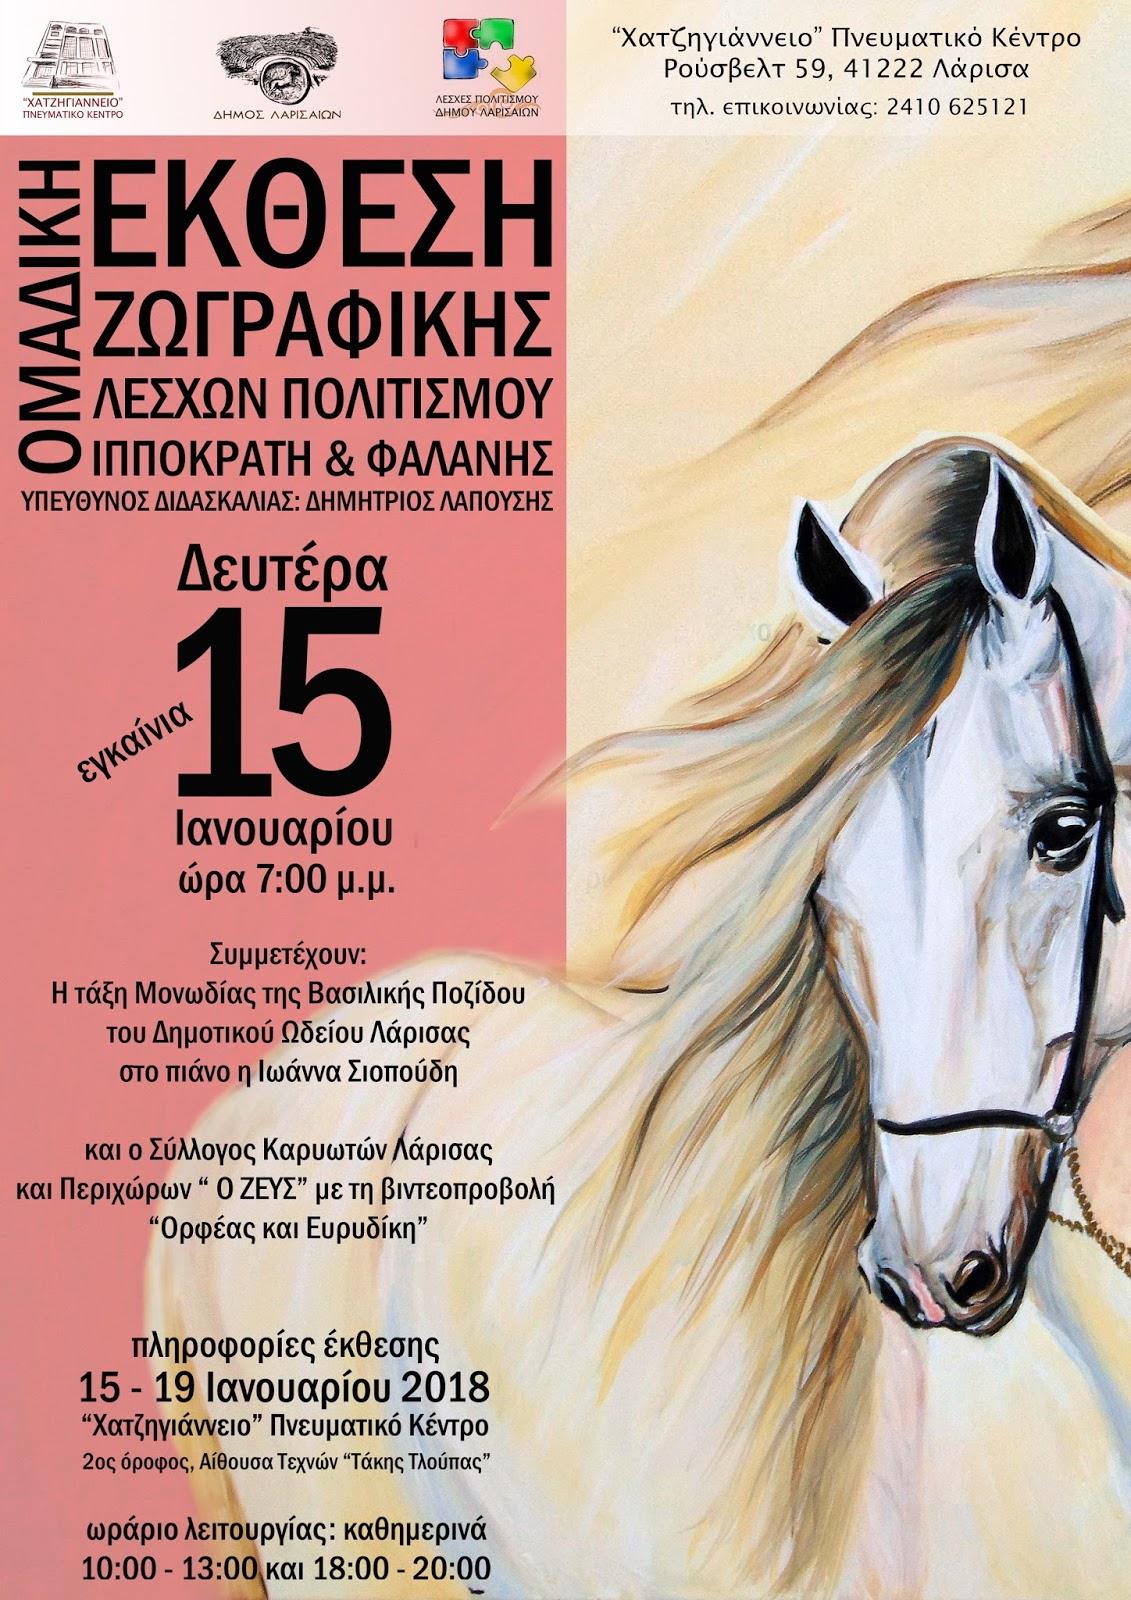 Εγκαίνια έκθεσης ζωγραφικής τμημάτων ενήλικων  Λεσχών Πολιτισμού Ιπποκράτη και Φαλάνης του Δήμου Λαρισαίων